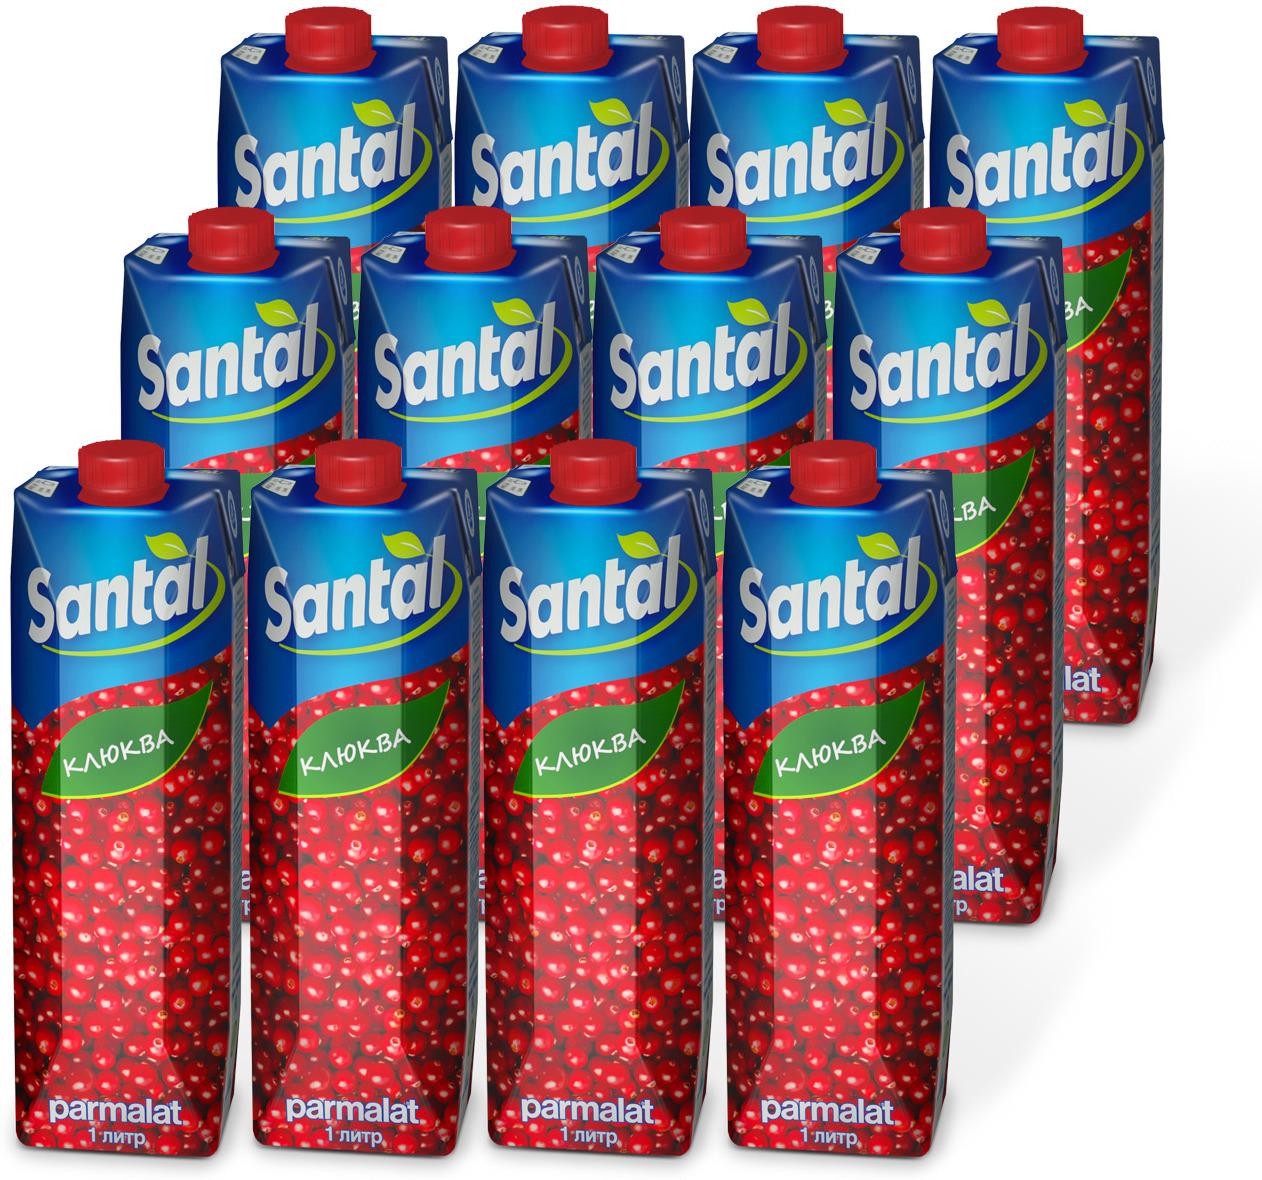 Напиток сокосодержащий Santal Клюква, 12 шт по 1 л diptyque santal свеча santal свеча